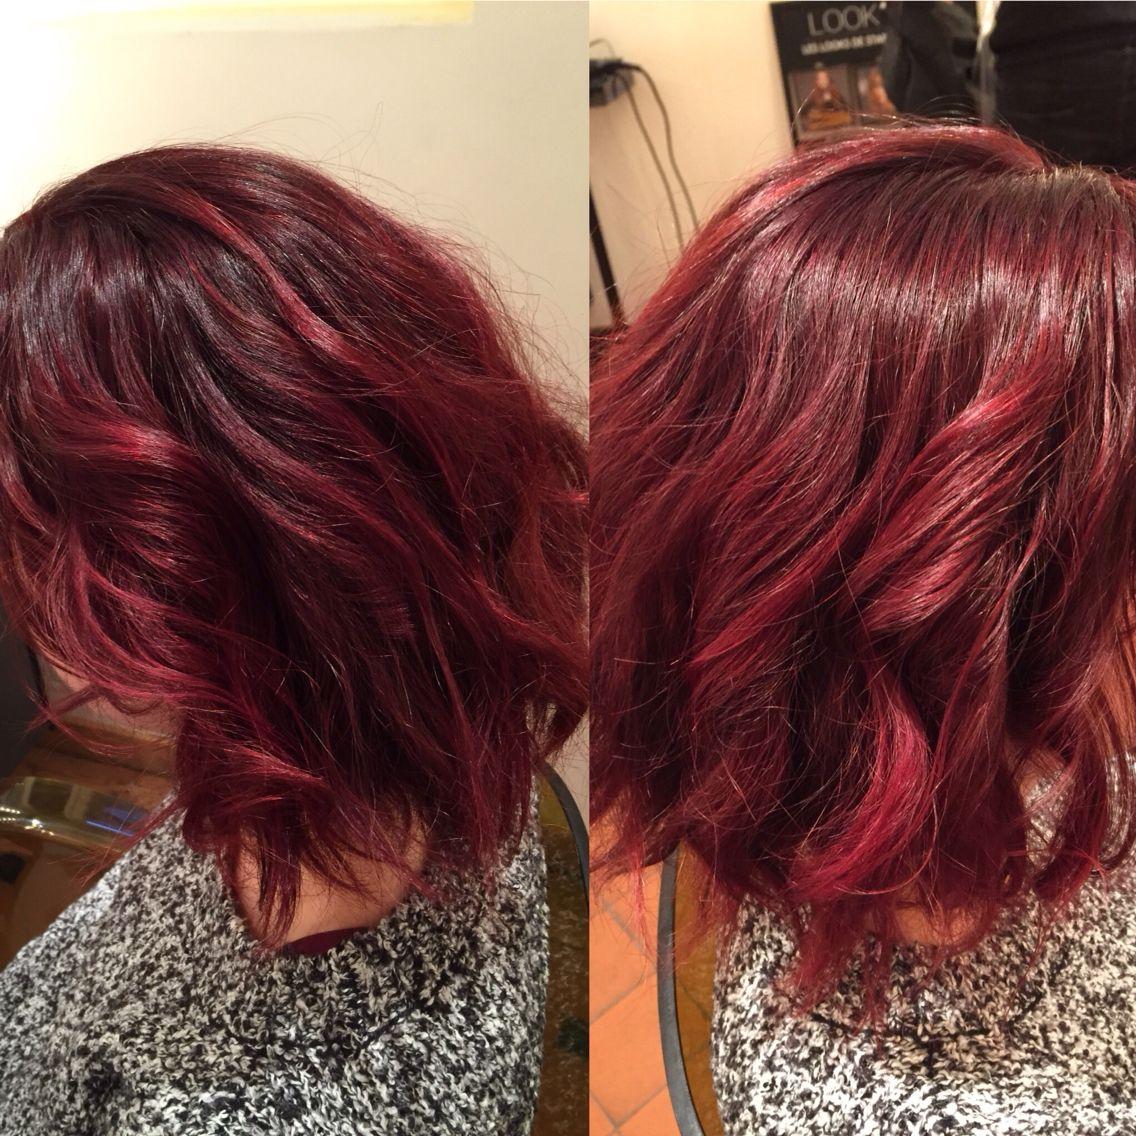 Rouge Carmilane Coiffure Coloration